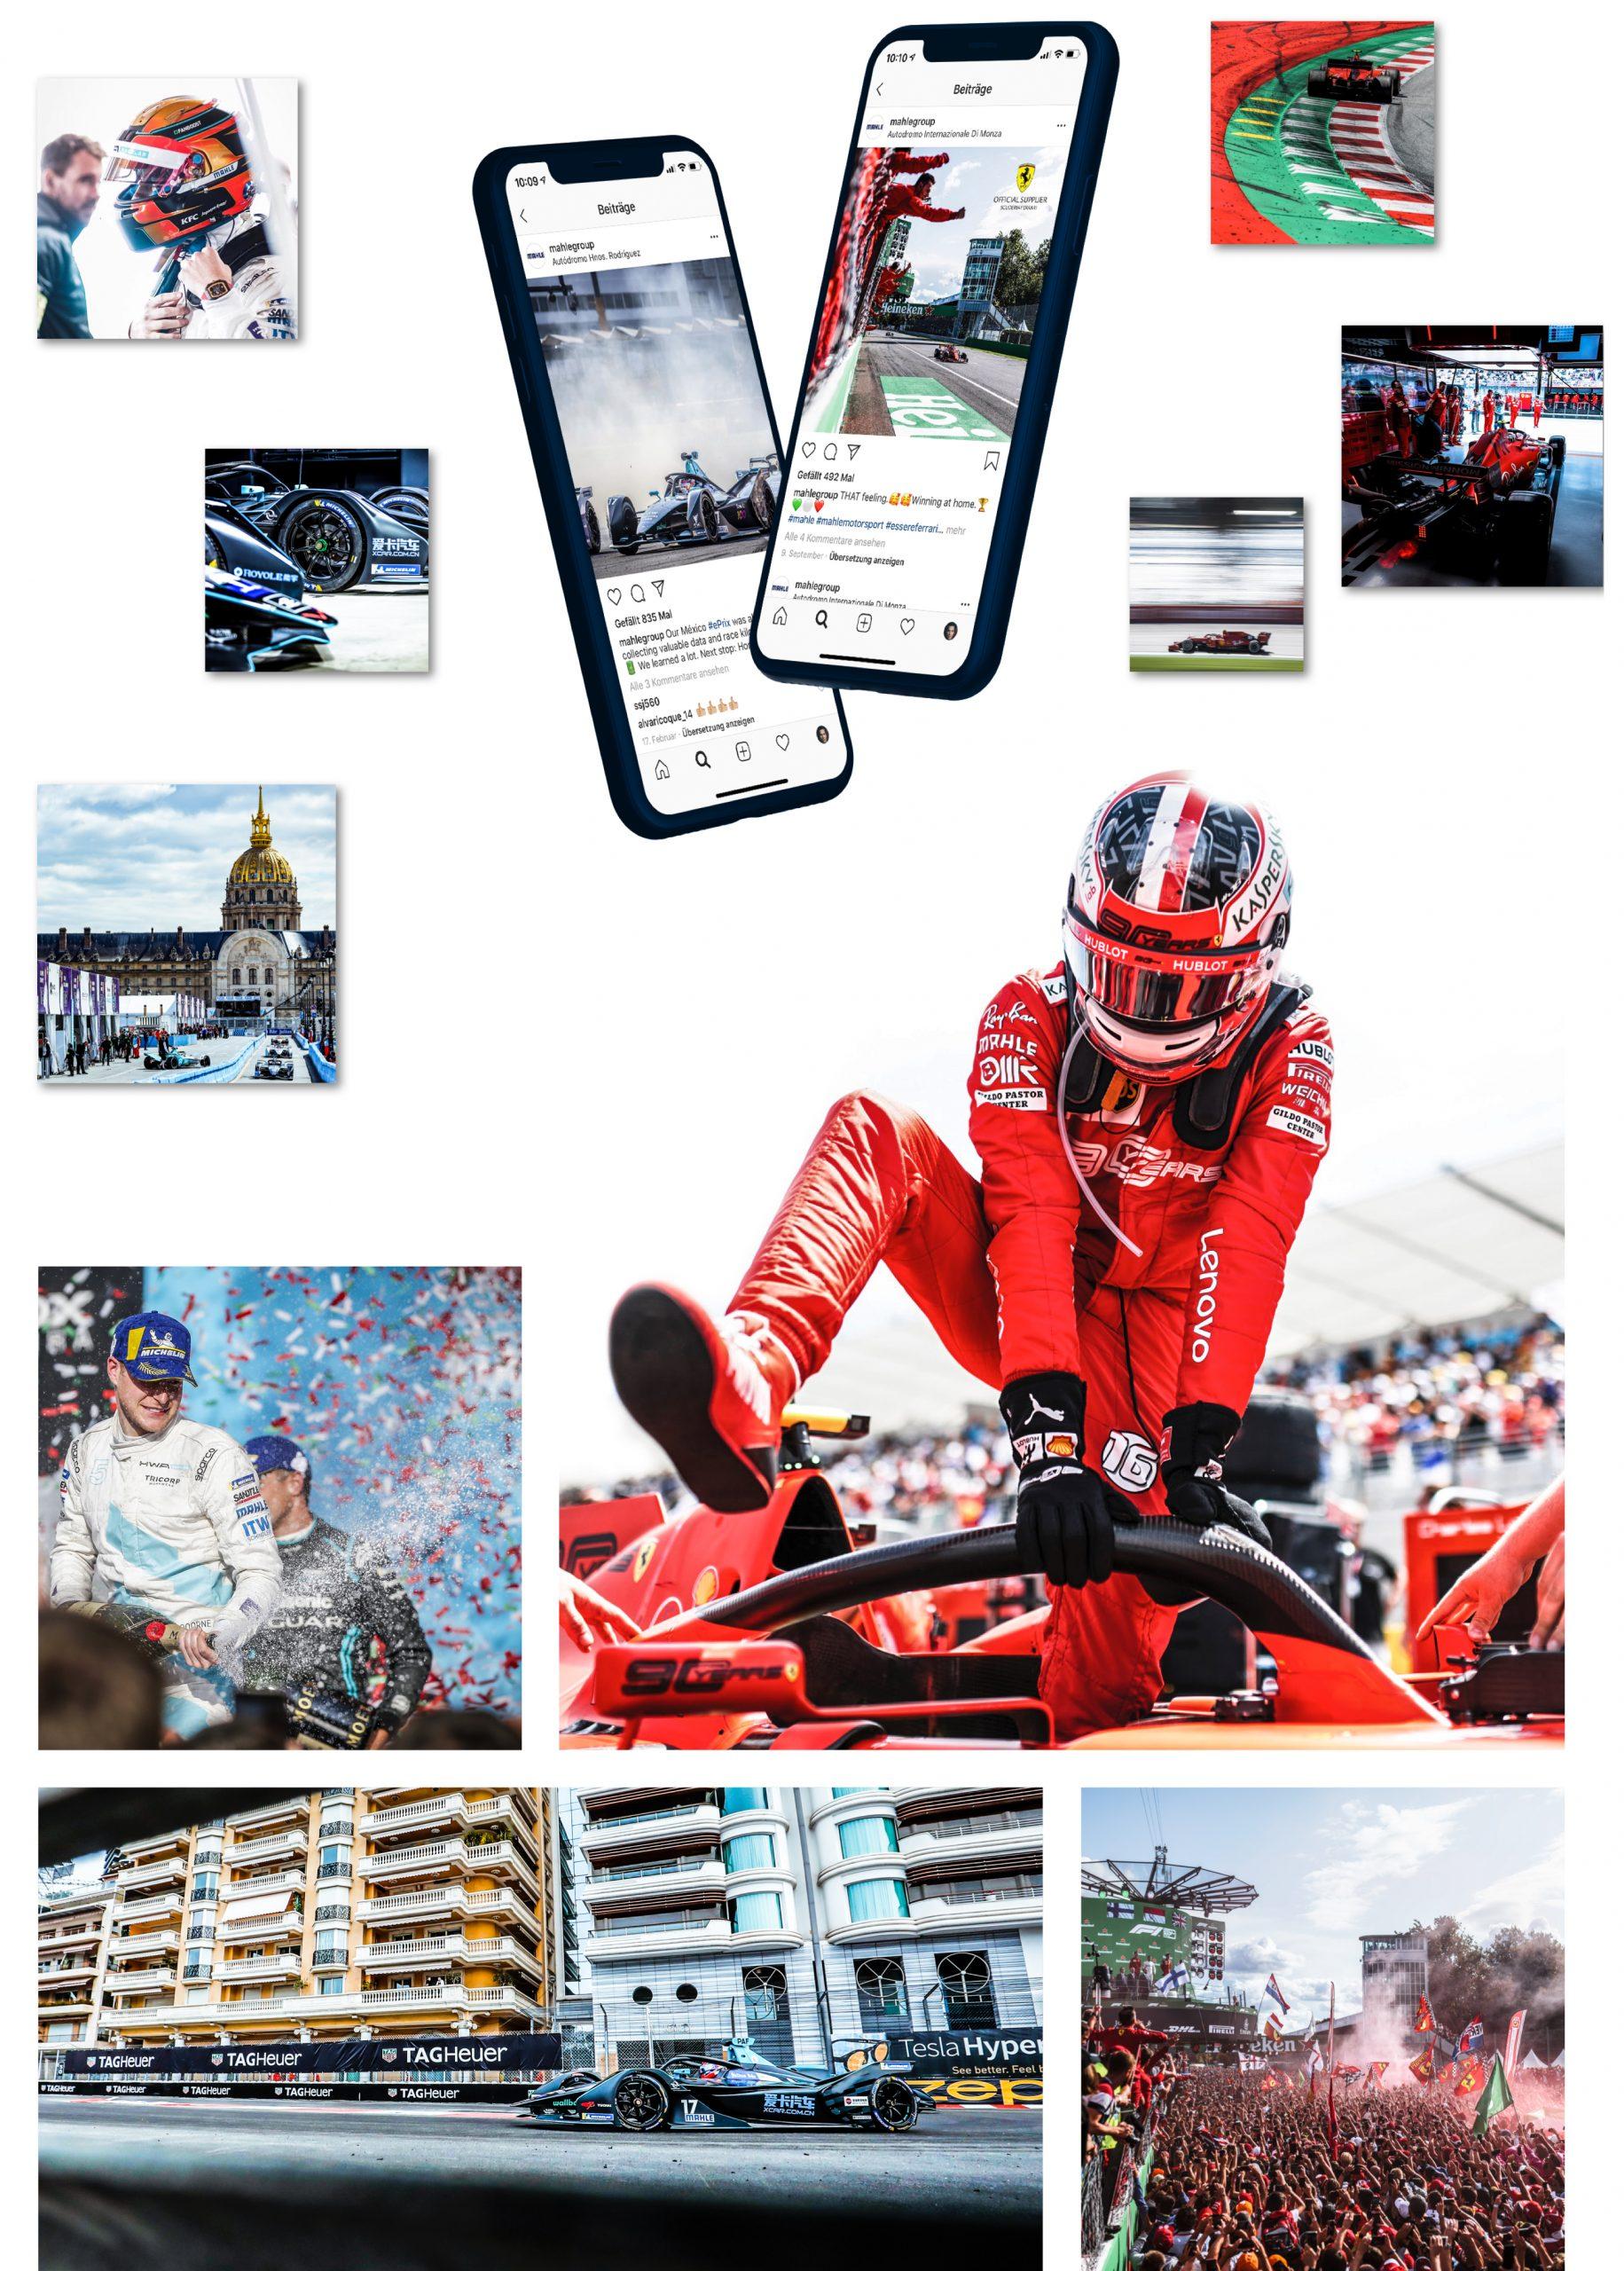 pascher-heinz-mahle-motorsport-visual